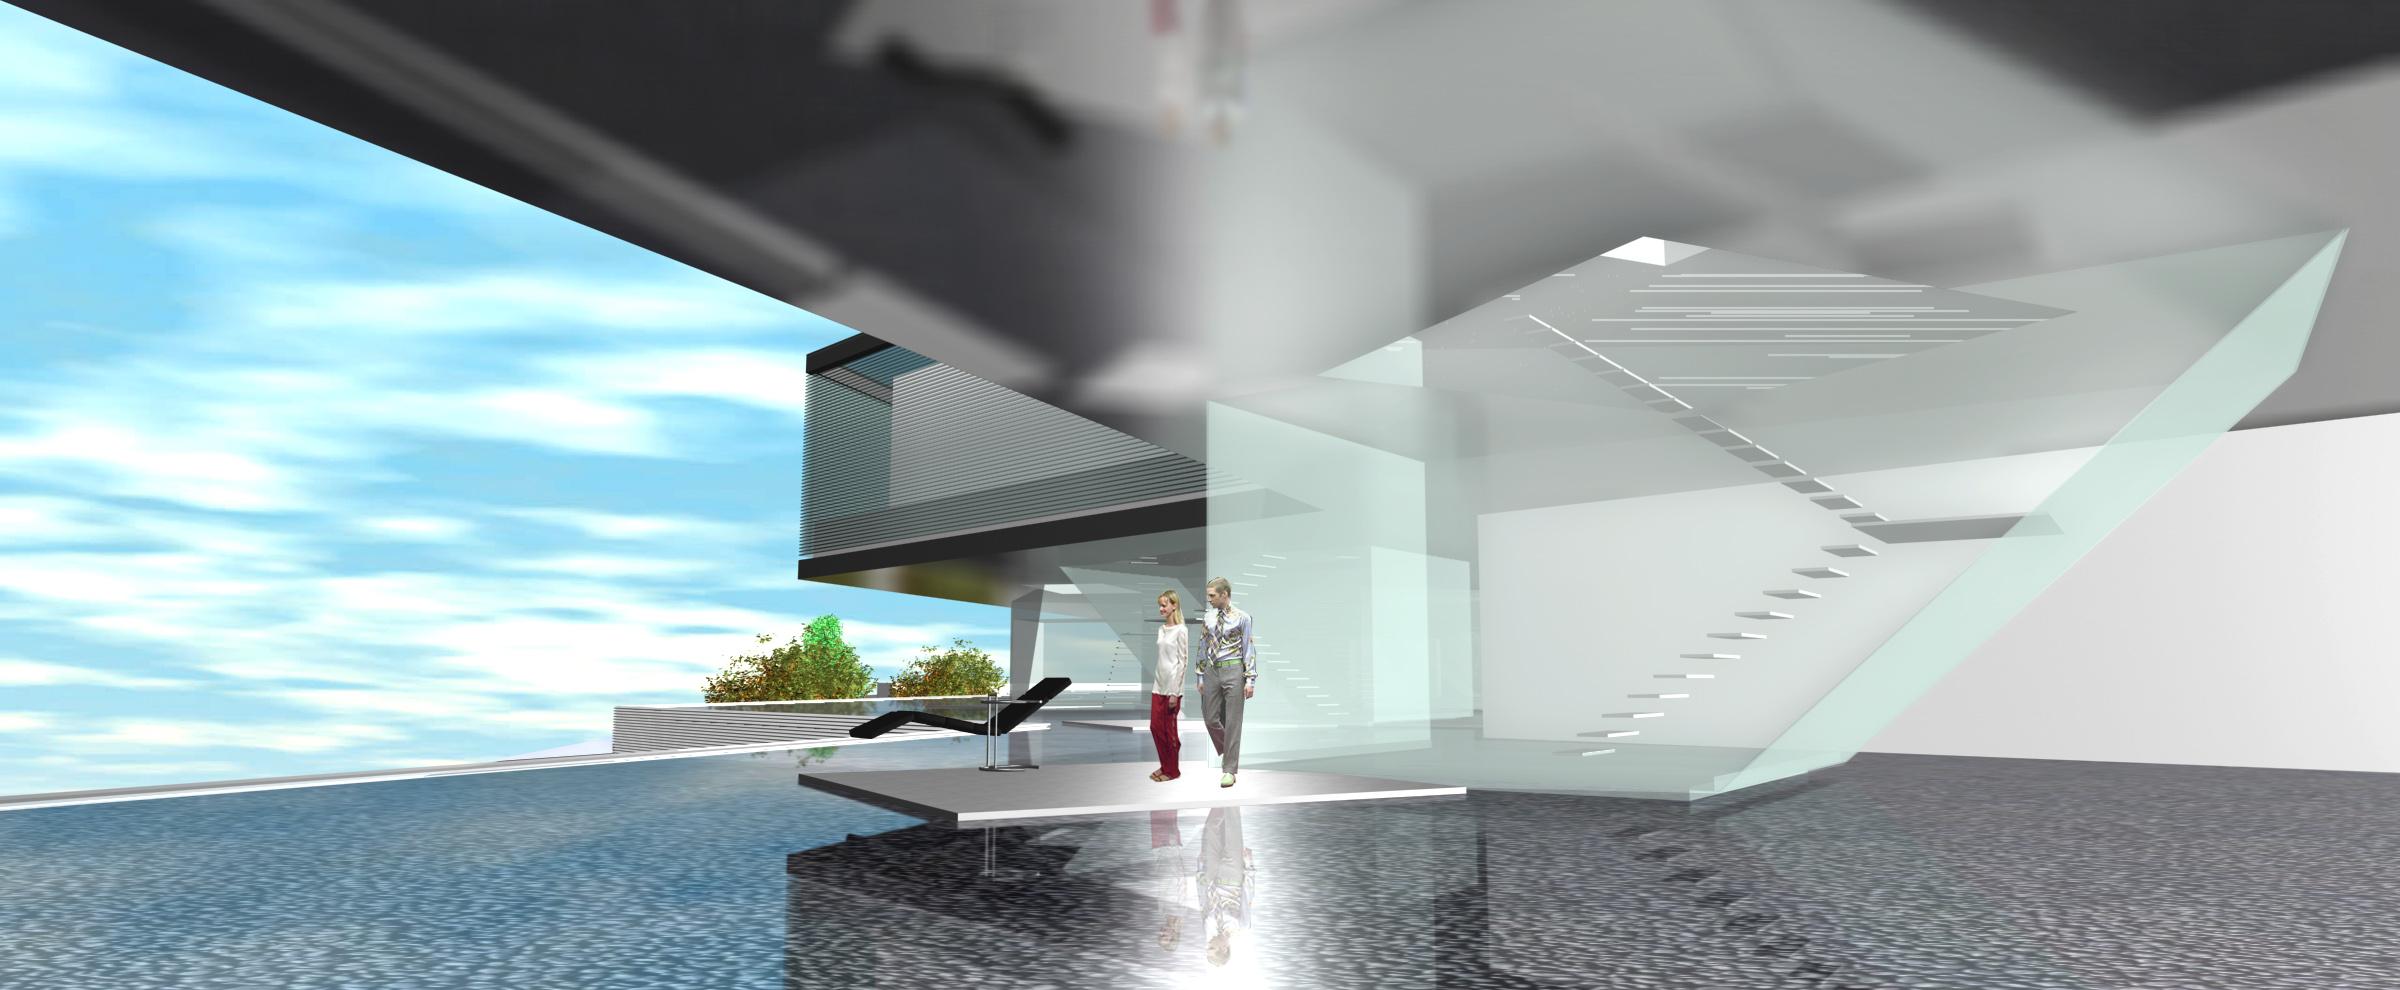 water floor.jpg